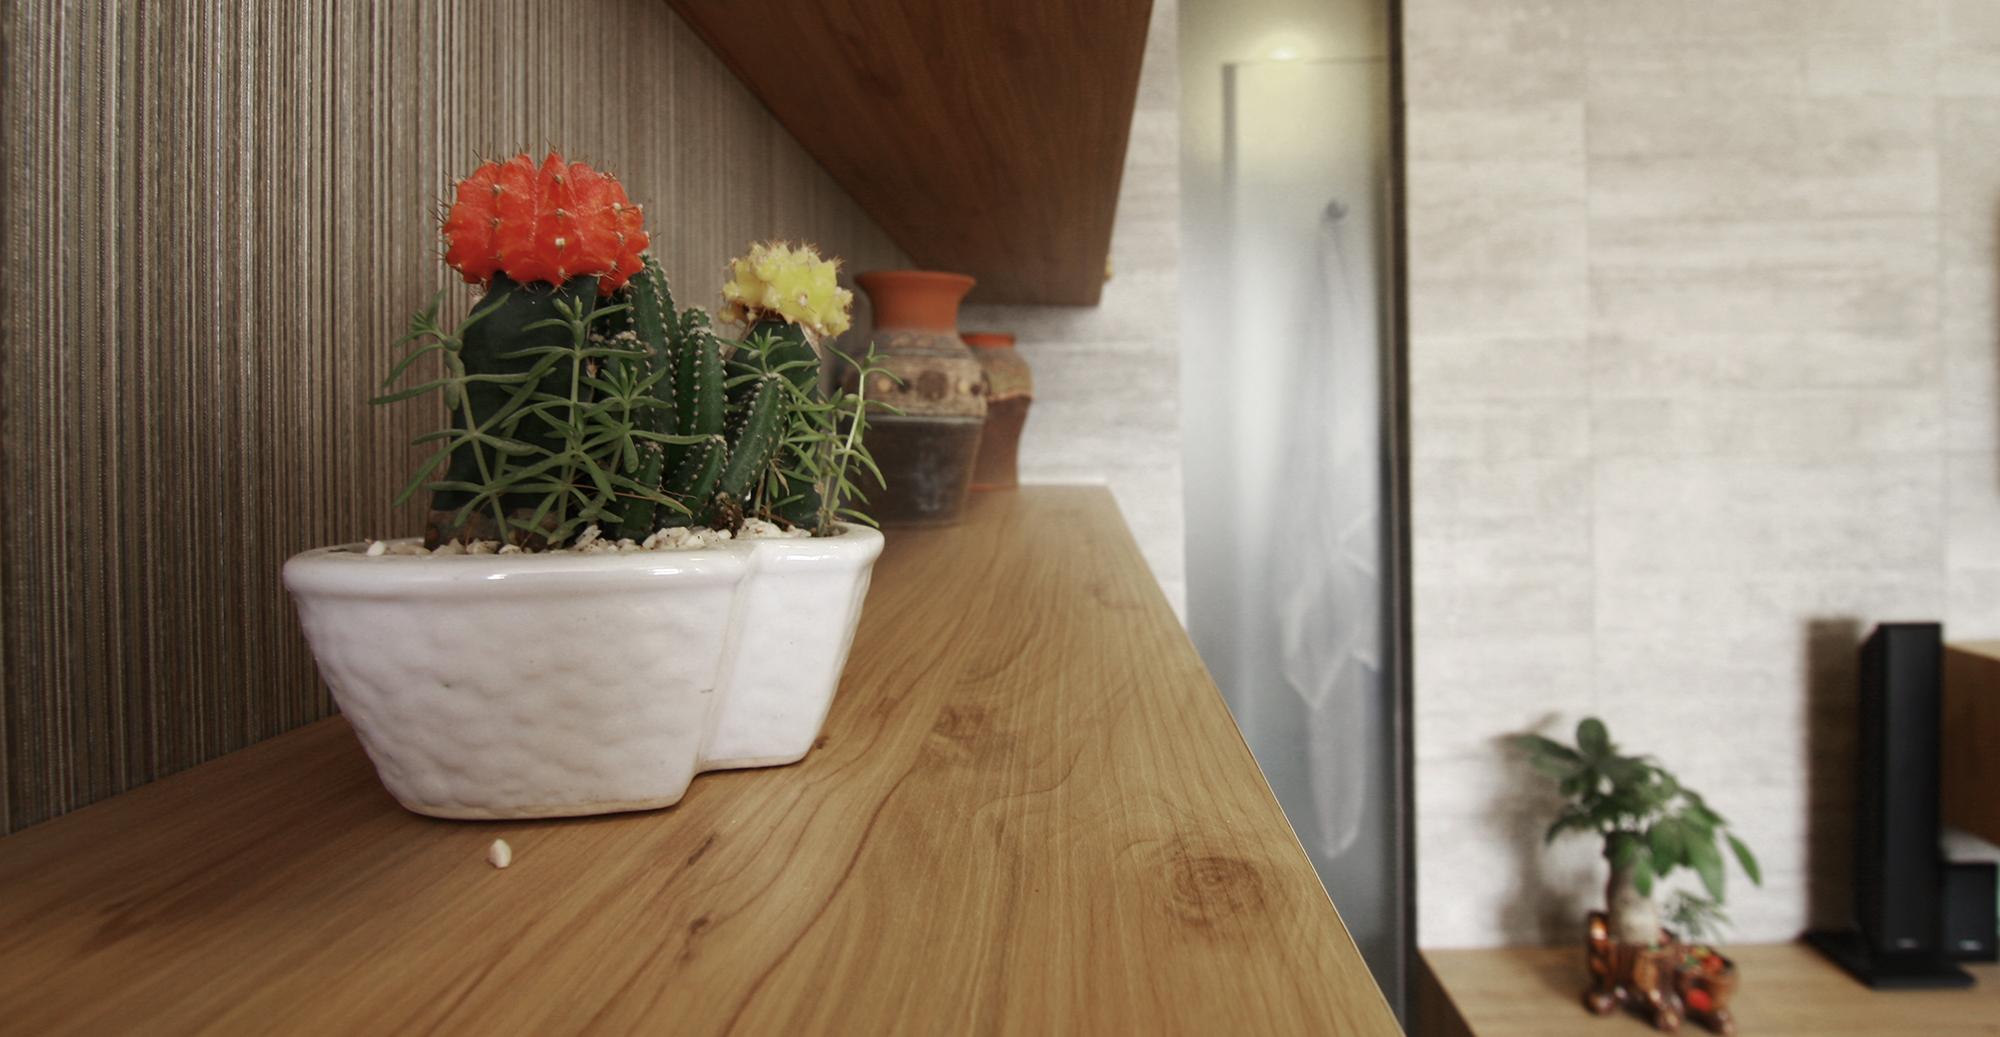 Căn hộ dù nhỏ nhưng khách hàng đã khéo léo bài trí những góc cây xanh xinh xắn. Chúng tôi phải cảm ơn vì những điều đó.